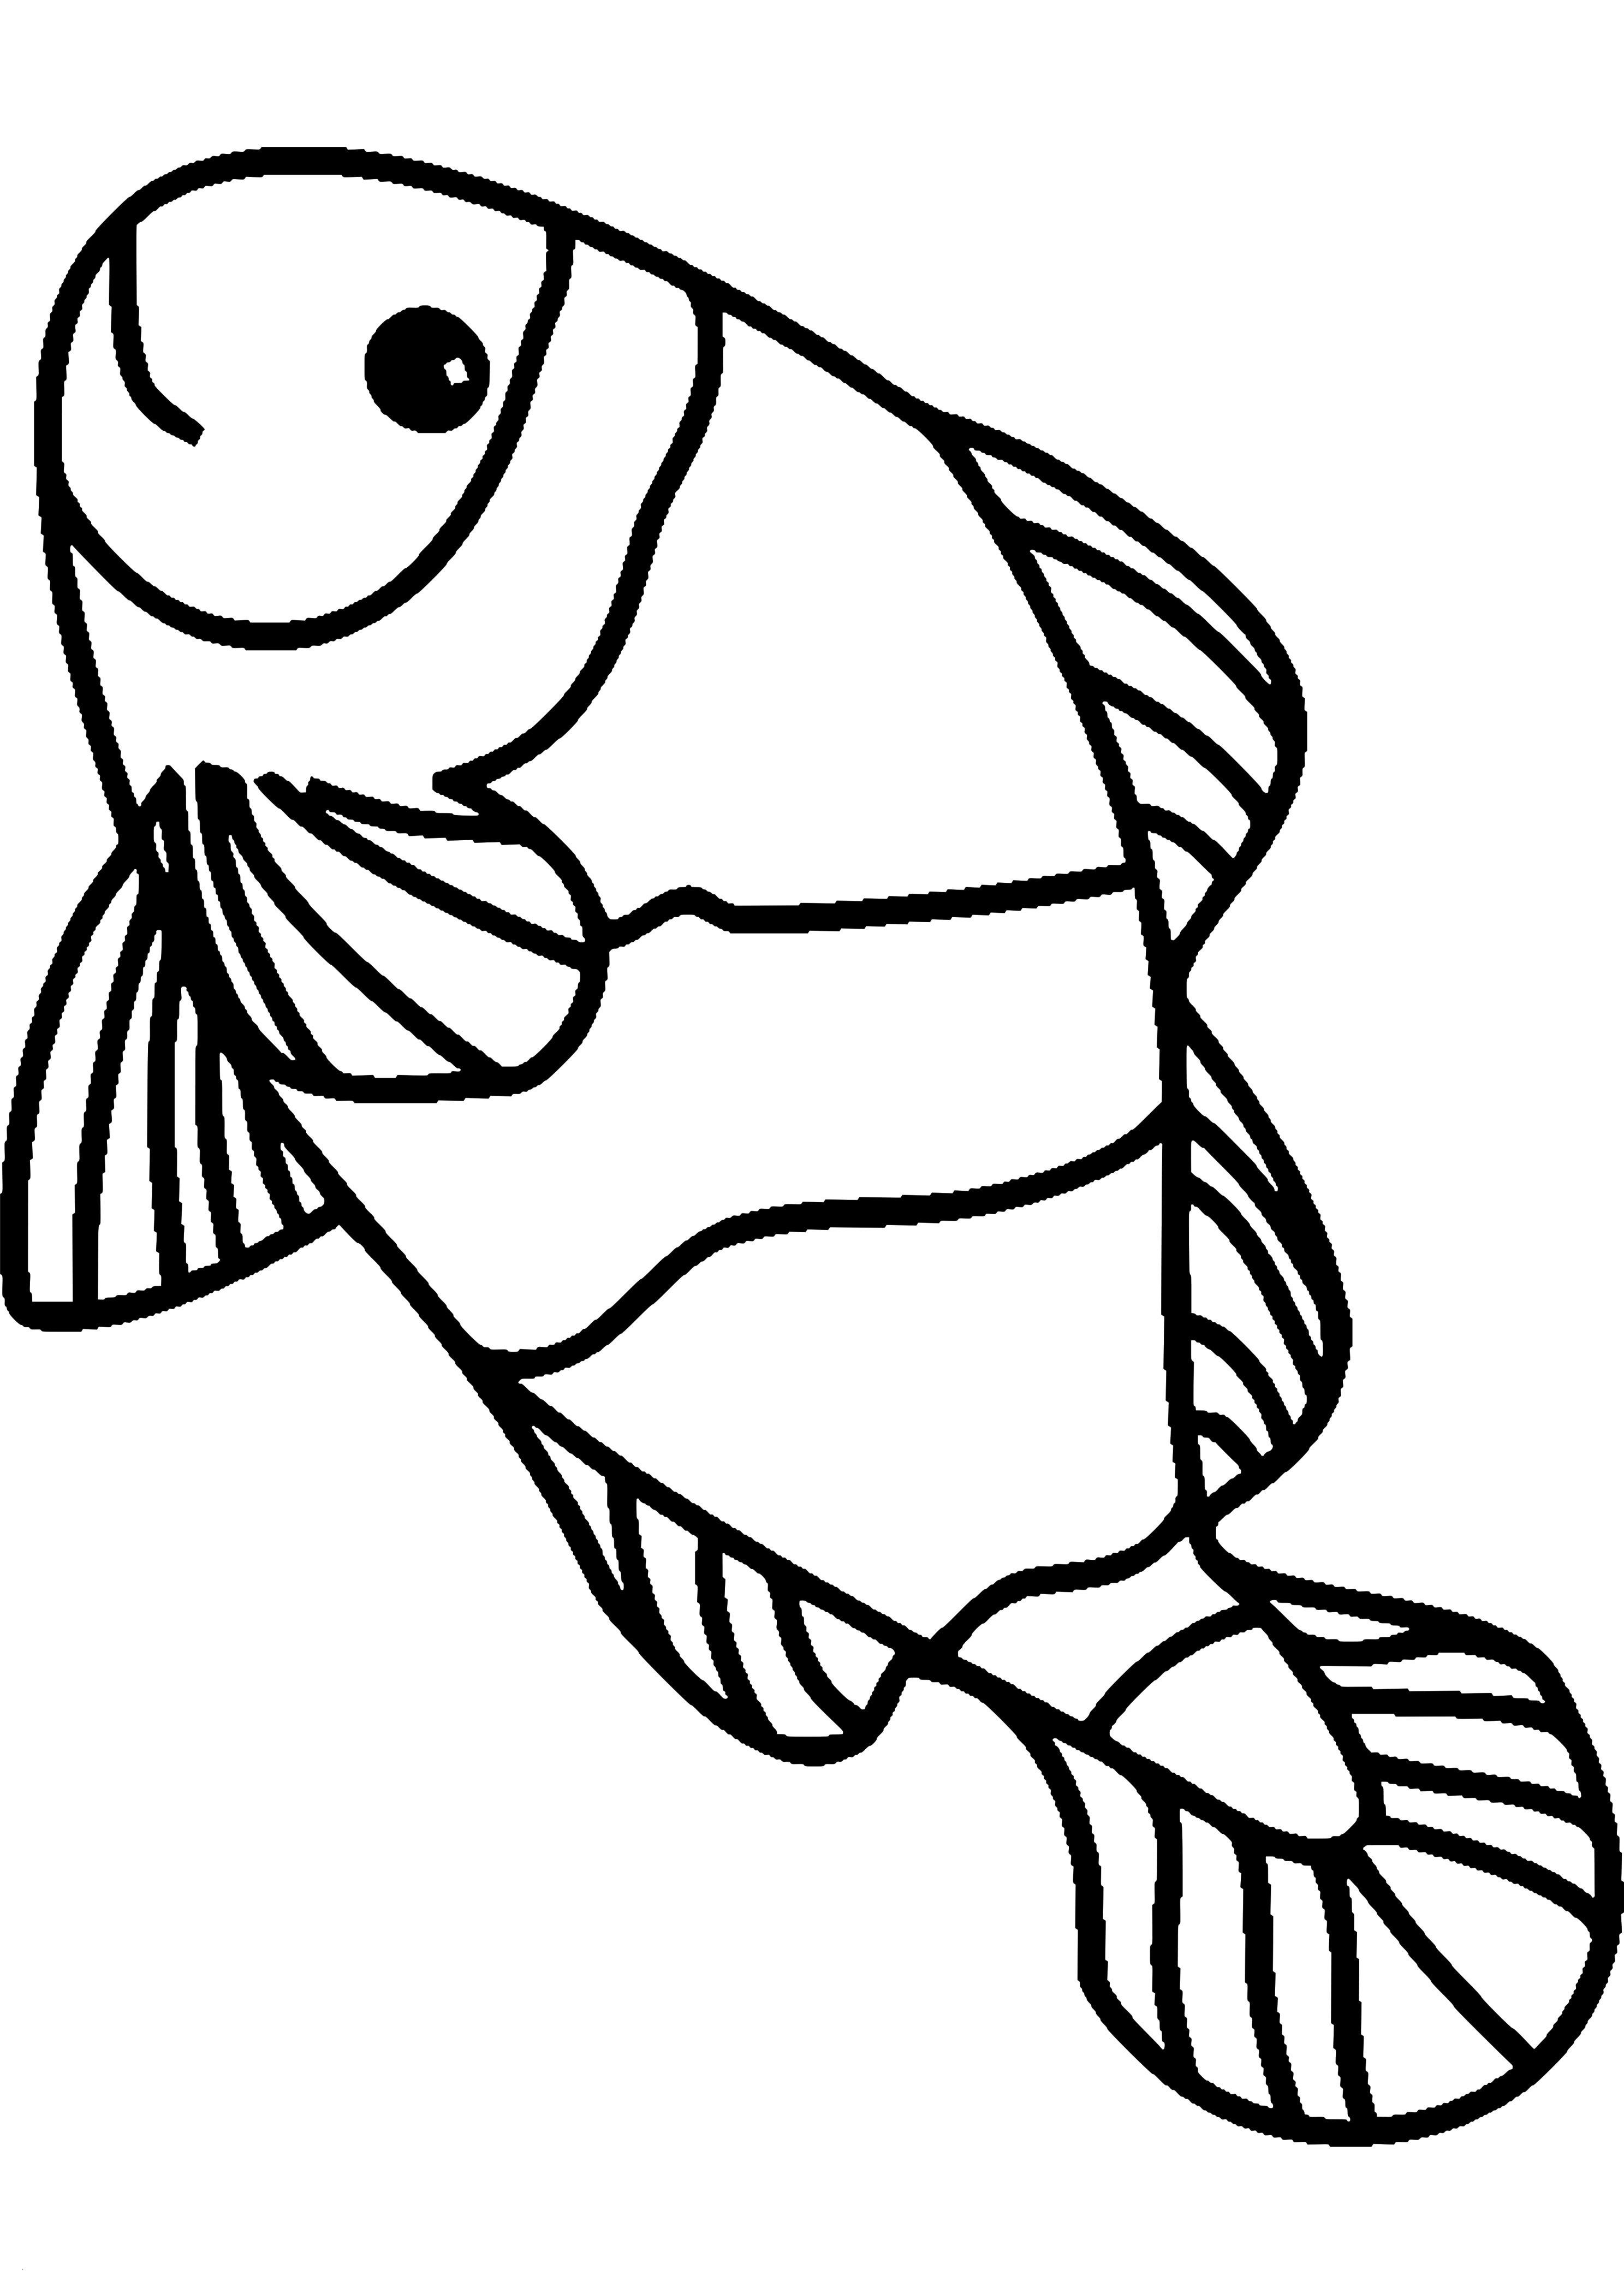 Fische Zum Ausmalen Und Ausdrucken Einzigartig Ausmalbilder Weihnachten Schneemann Luxus Igel Grundschule 0d Frisch Bild